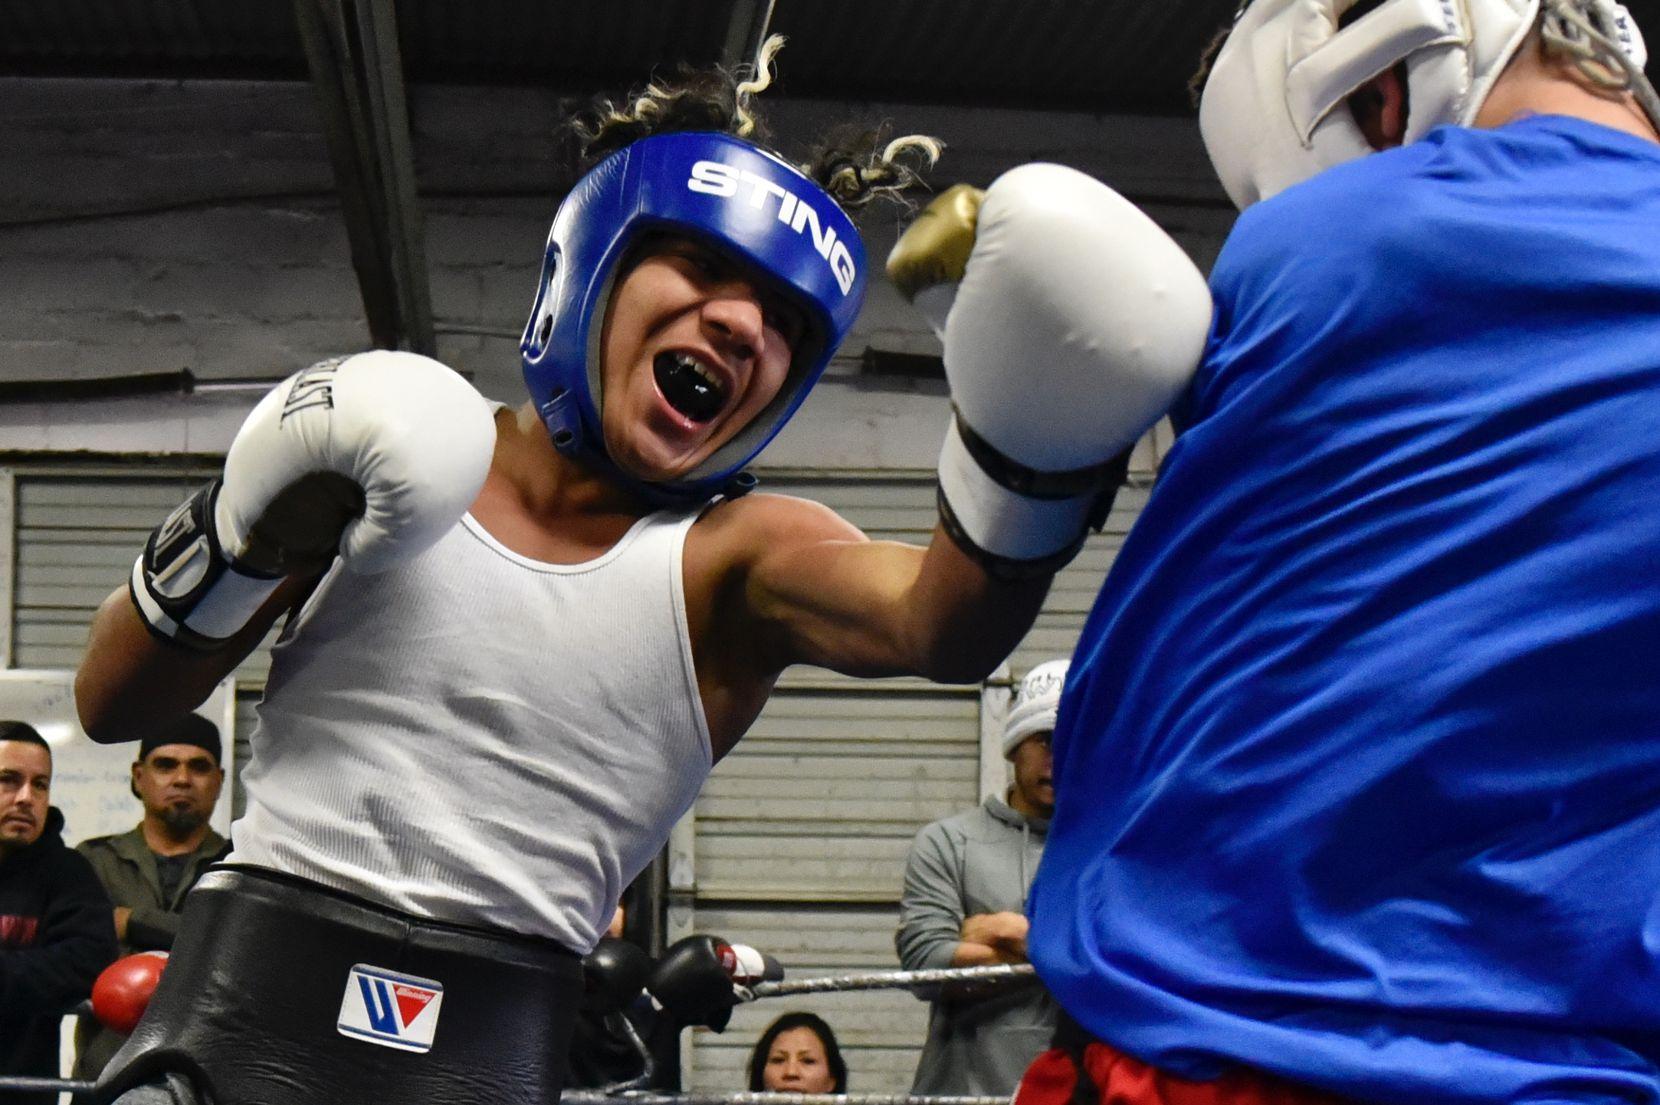 Jóvenes entrenan en Vivero Boxing Gym el sábado, 19 de enero, 2019. (Por Ben Torres / Especial para Al Día)